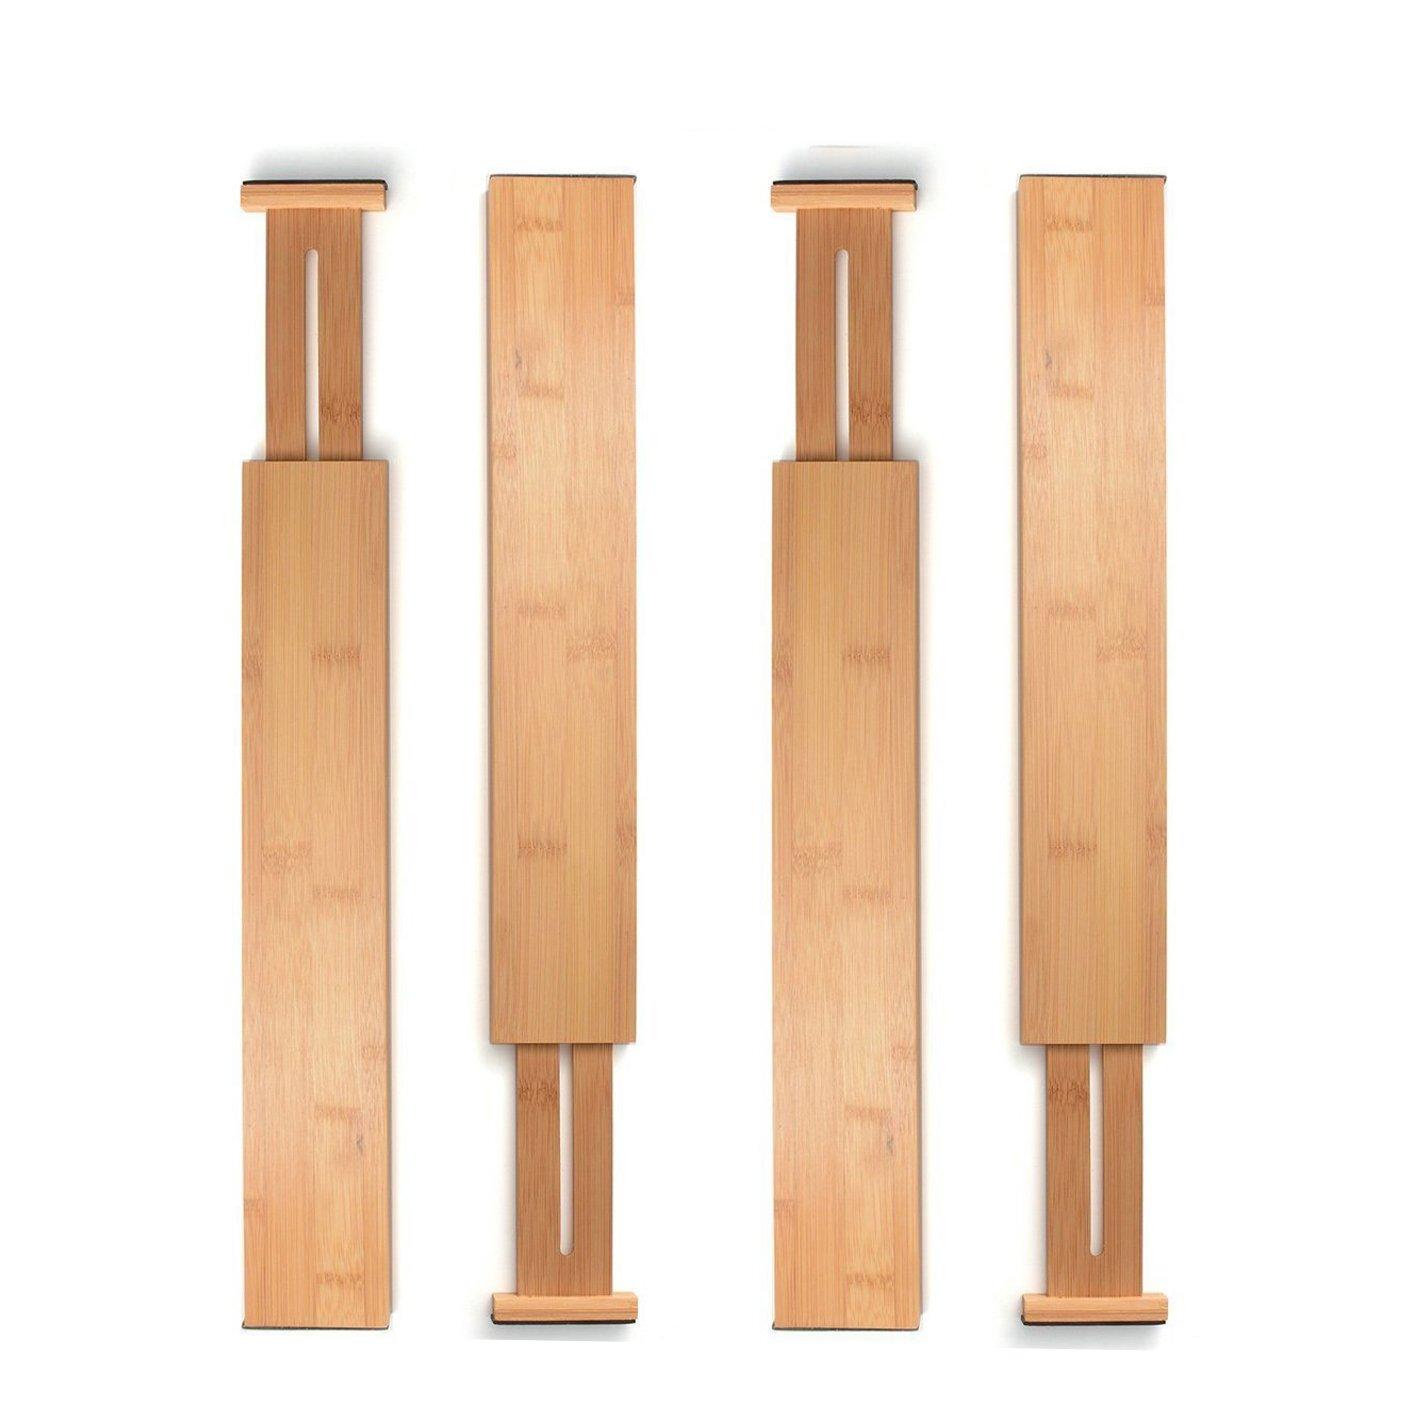 Bamboo Drawer Divider Set of 4 - Kitchen Drawer Organizer Spring Adjustable & Expendable Drawer Dividers, Made of 100% Organic Bamboo - Best for Kitchen, Dresser, Bedroom, Baby Drawer, Bathroom, Desk